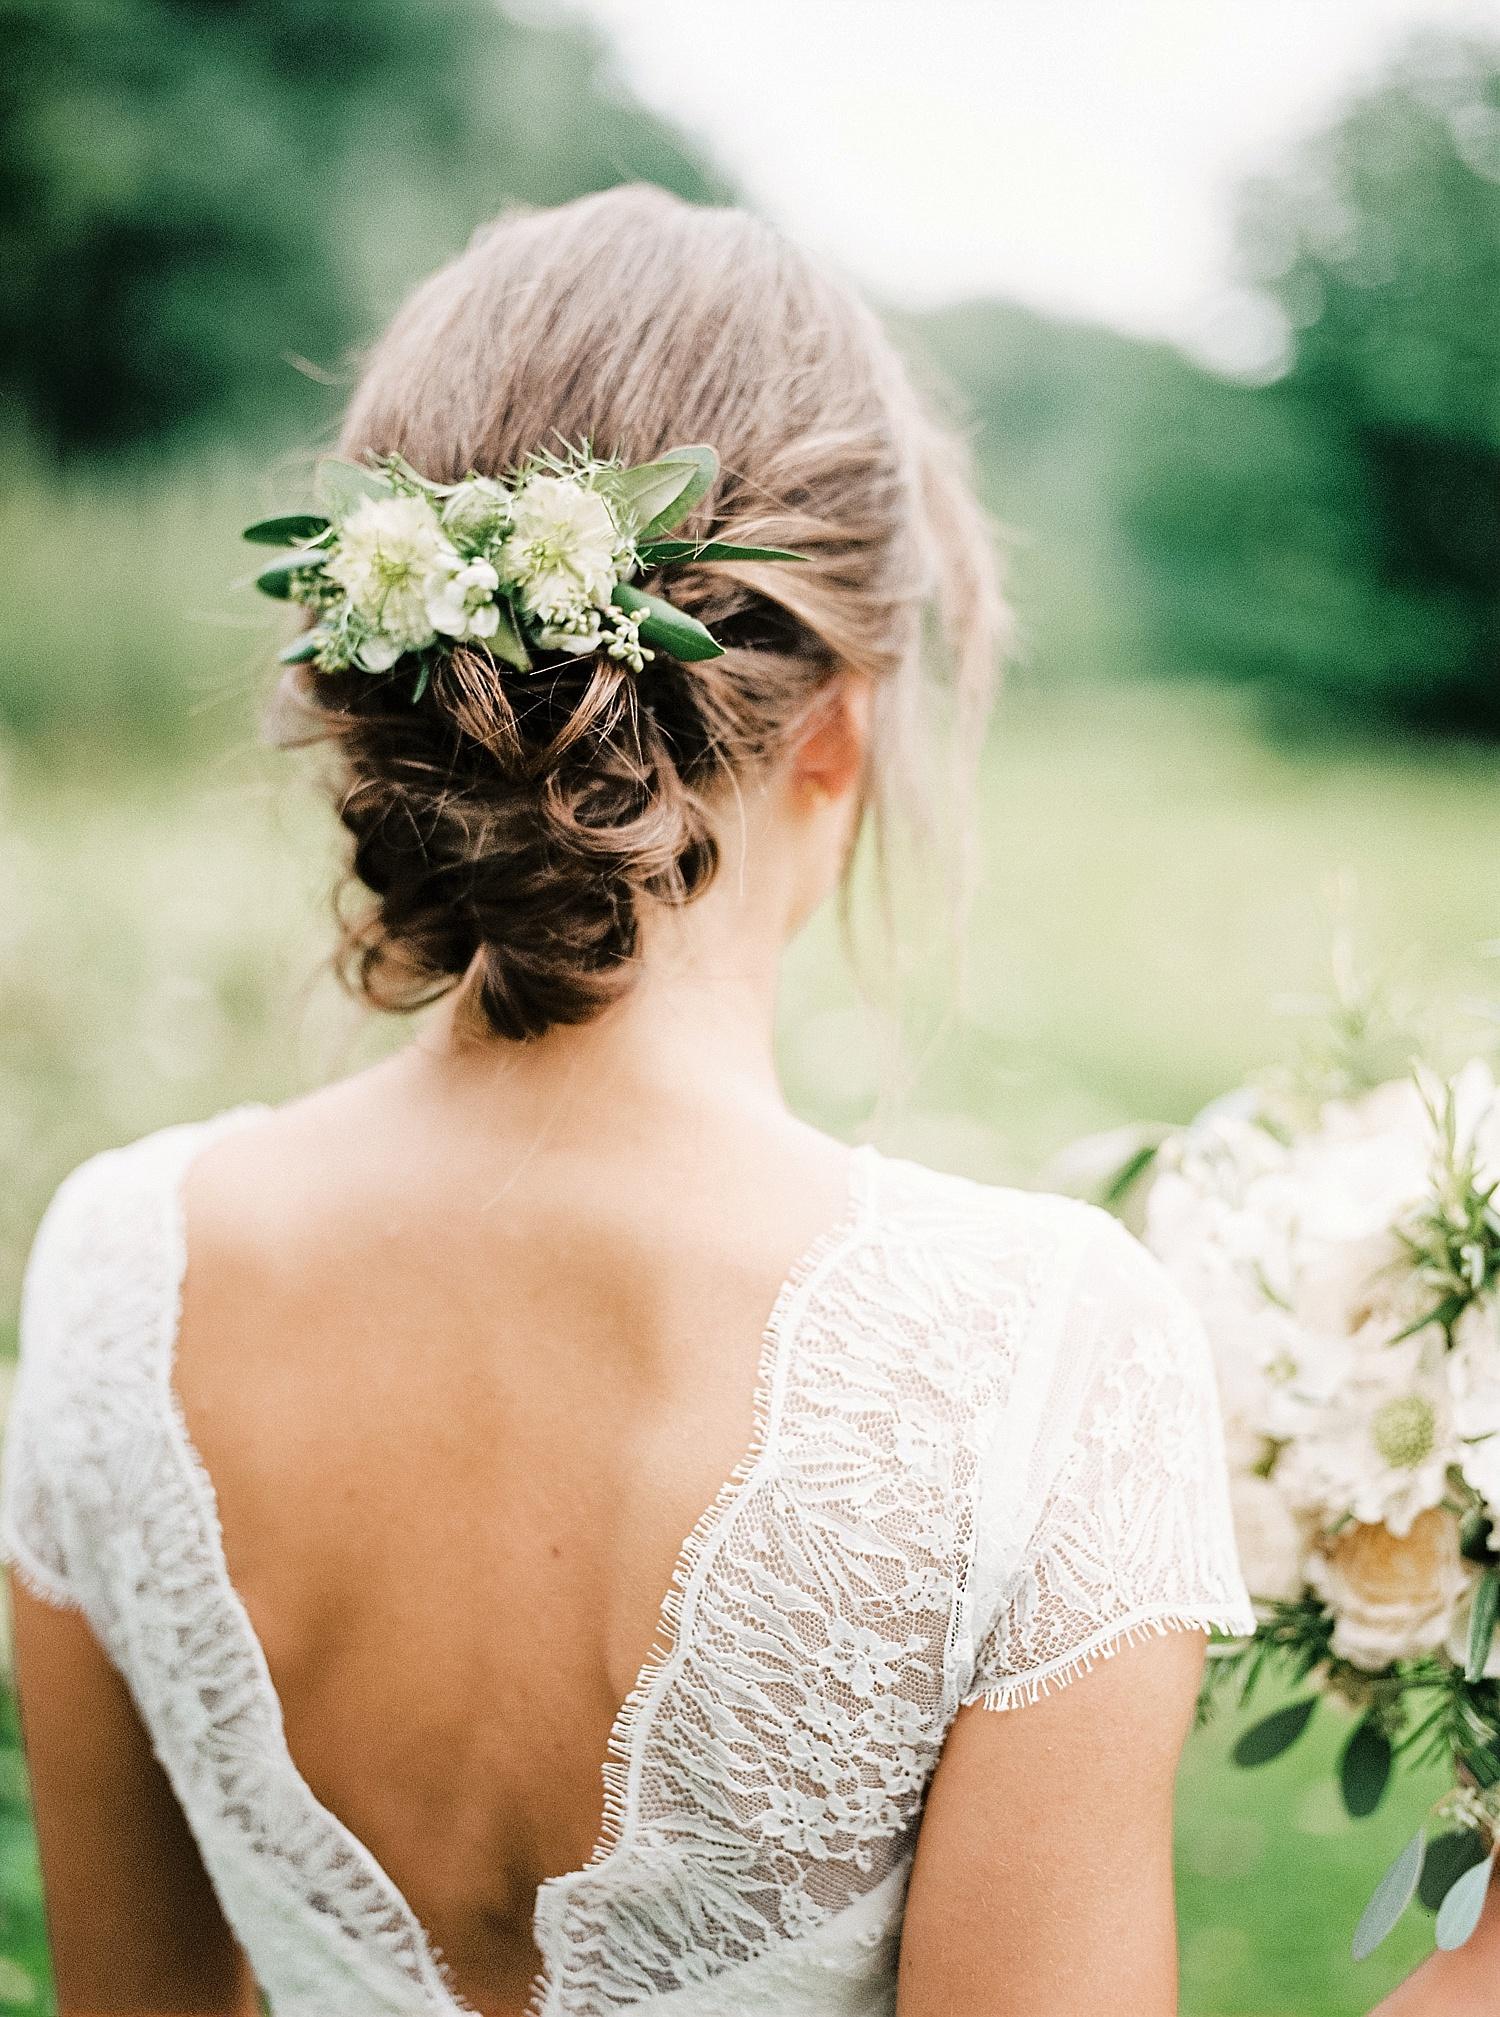 Romantisch Intieme Bruiloft Patrick Miranda | Trouwinspiratie | Hanke Arkenbout Photography 007